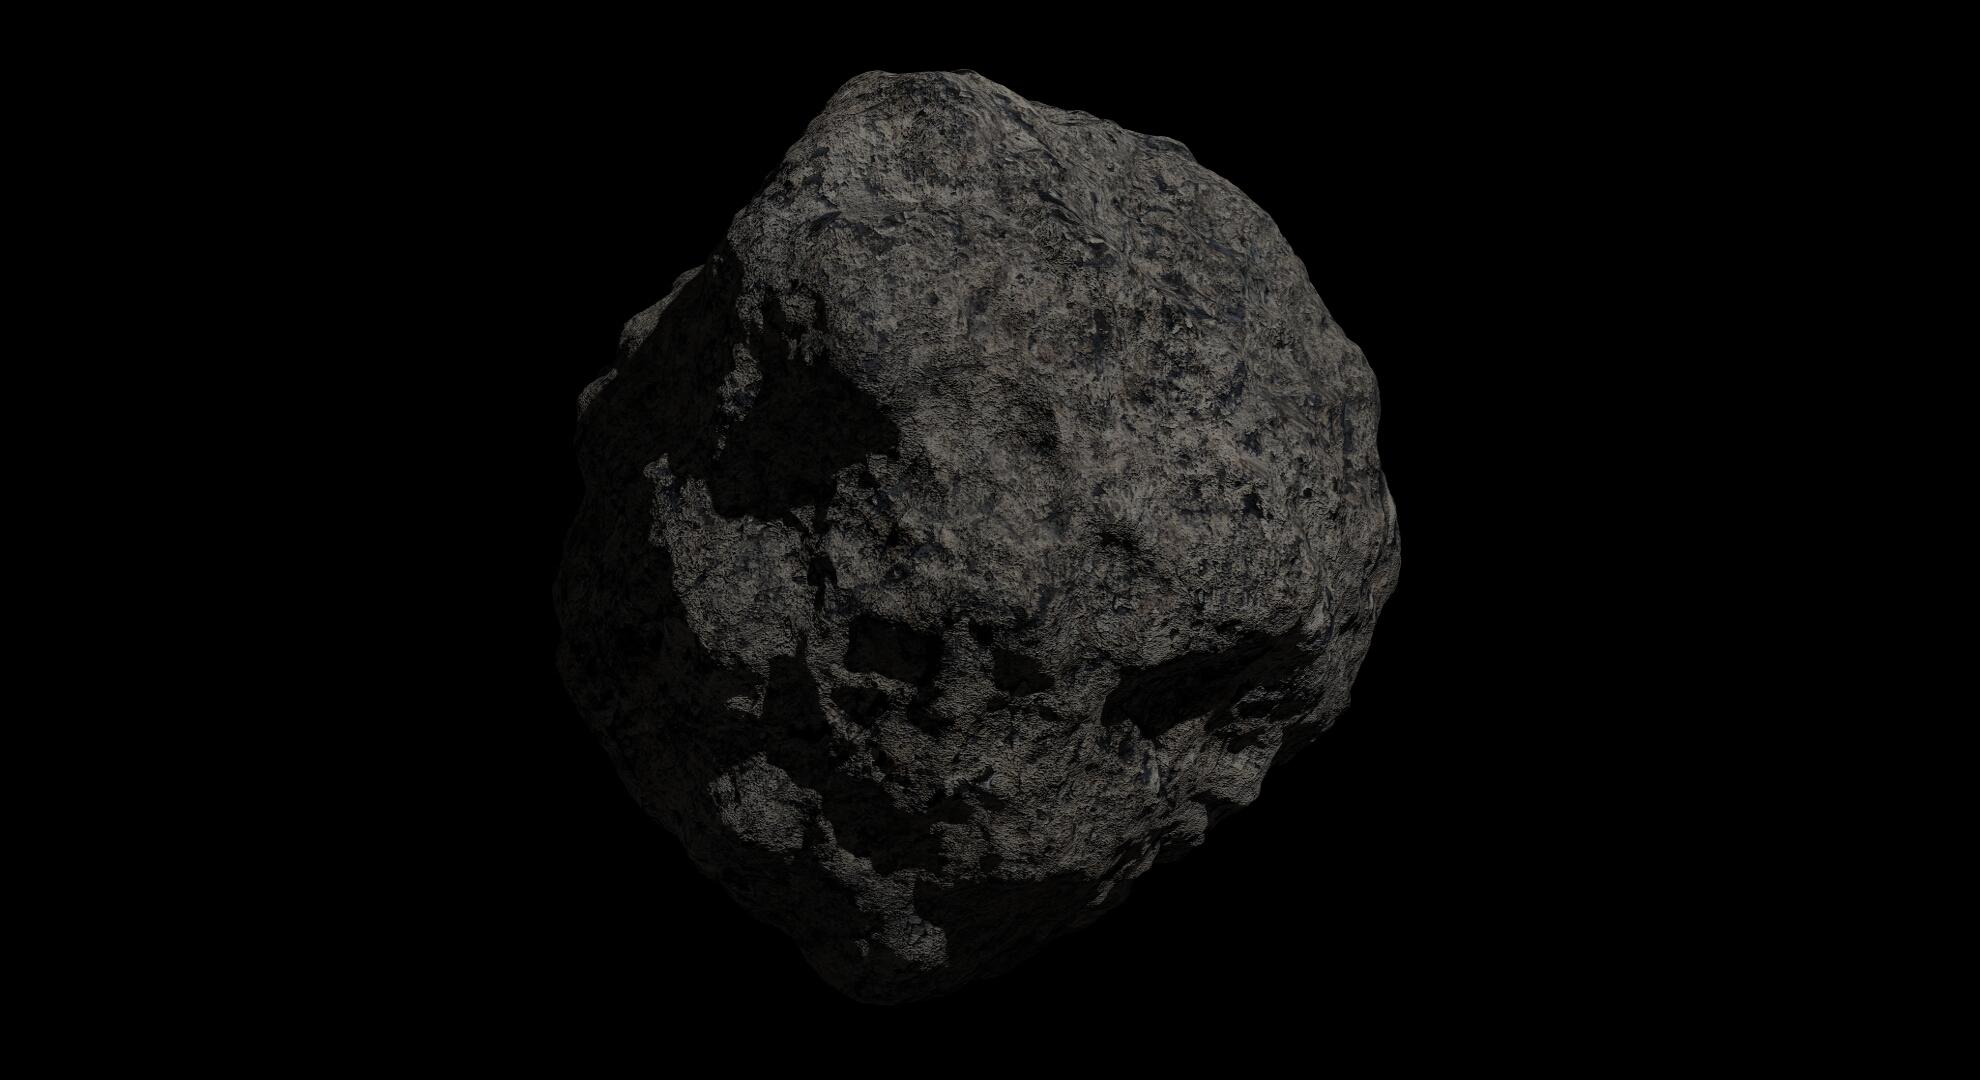 fantaziya asteroid 2 3d modeli 3s qarışığı da fbx obj 267193